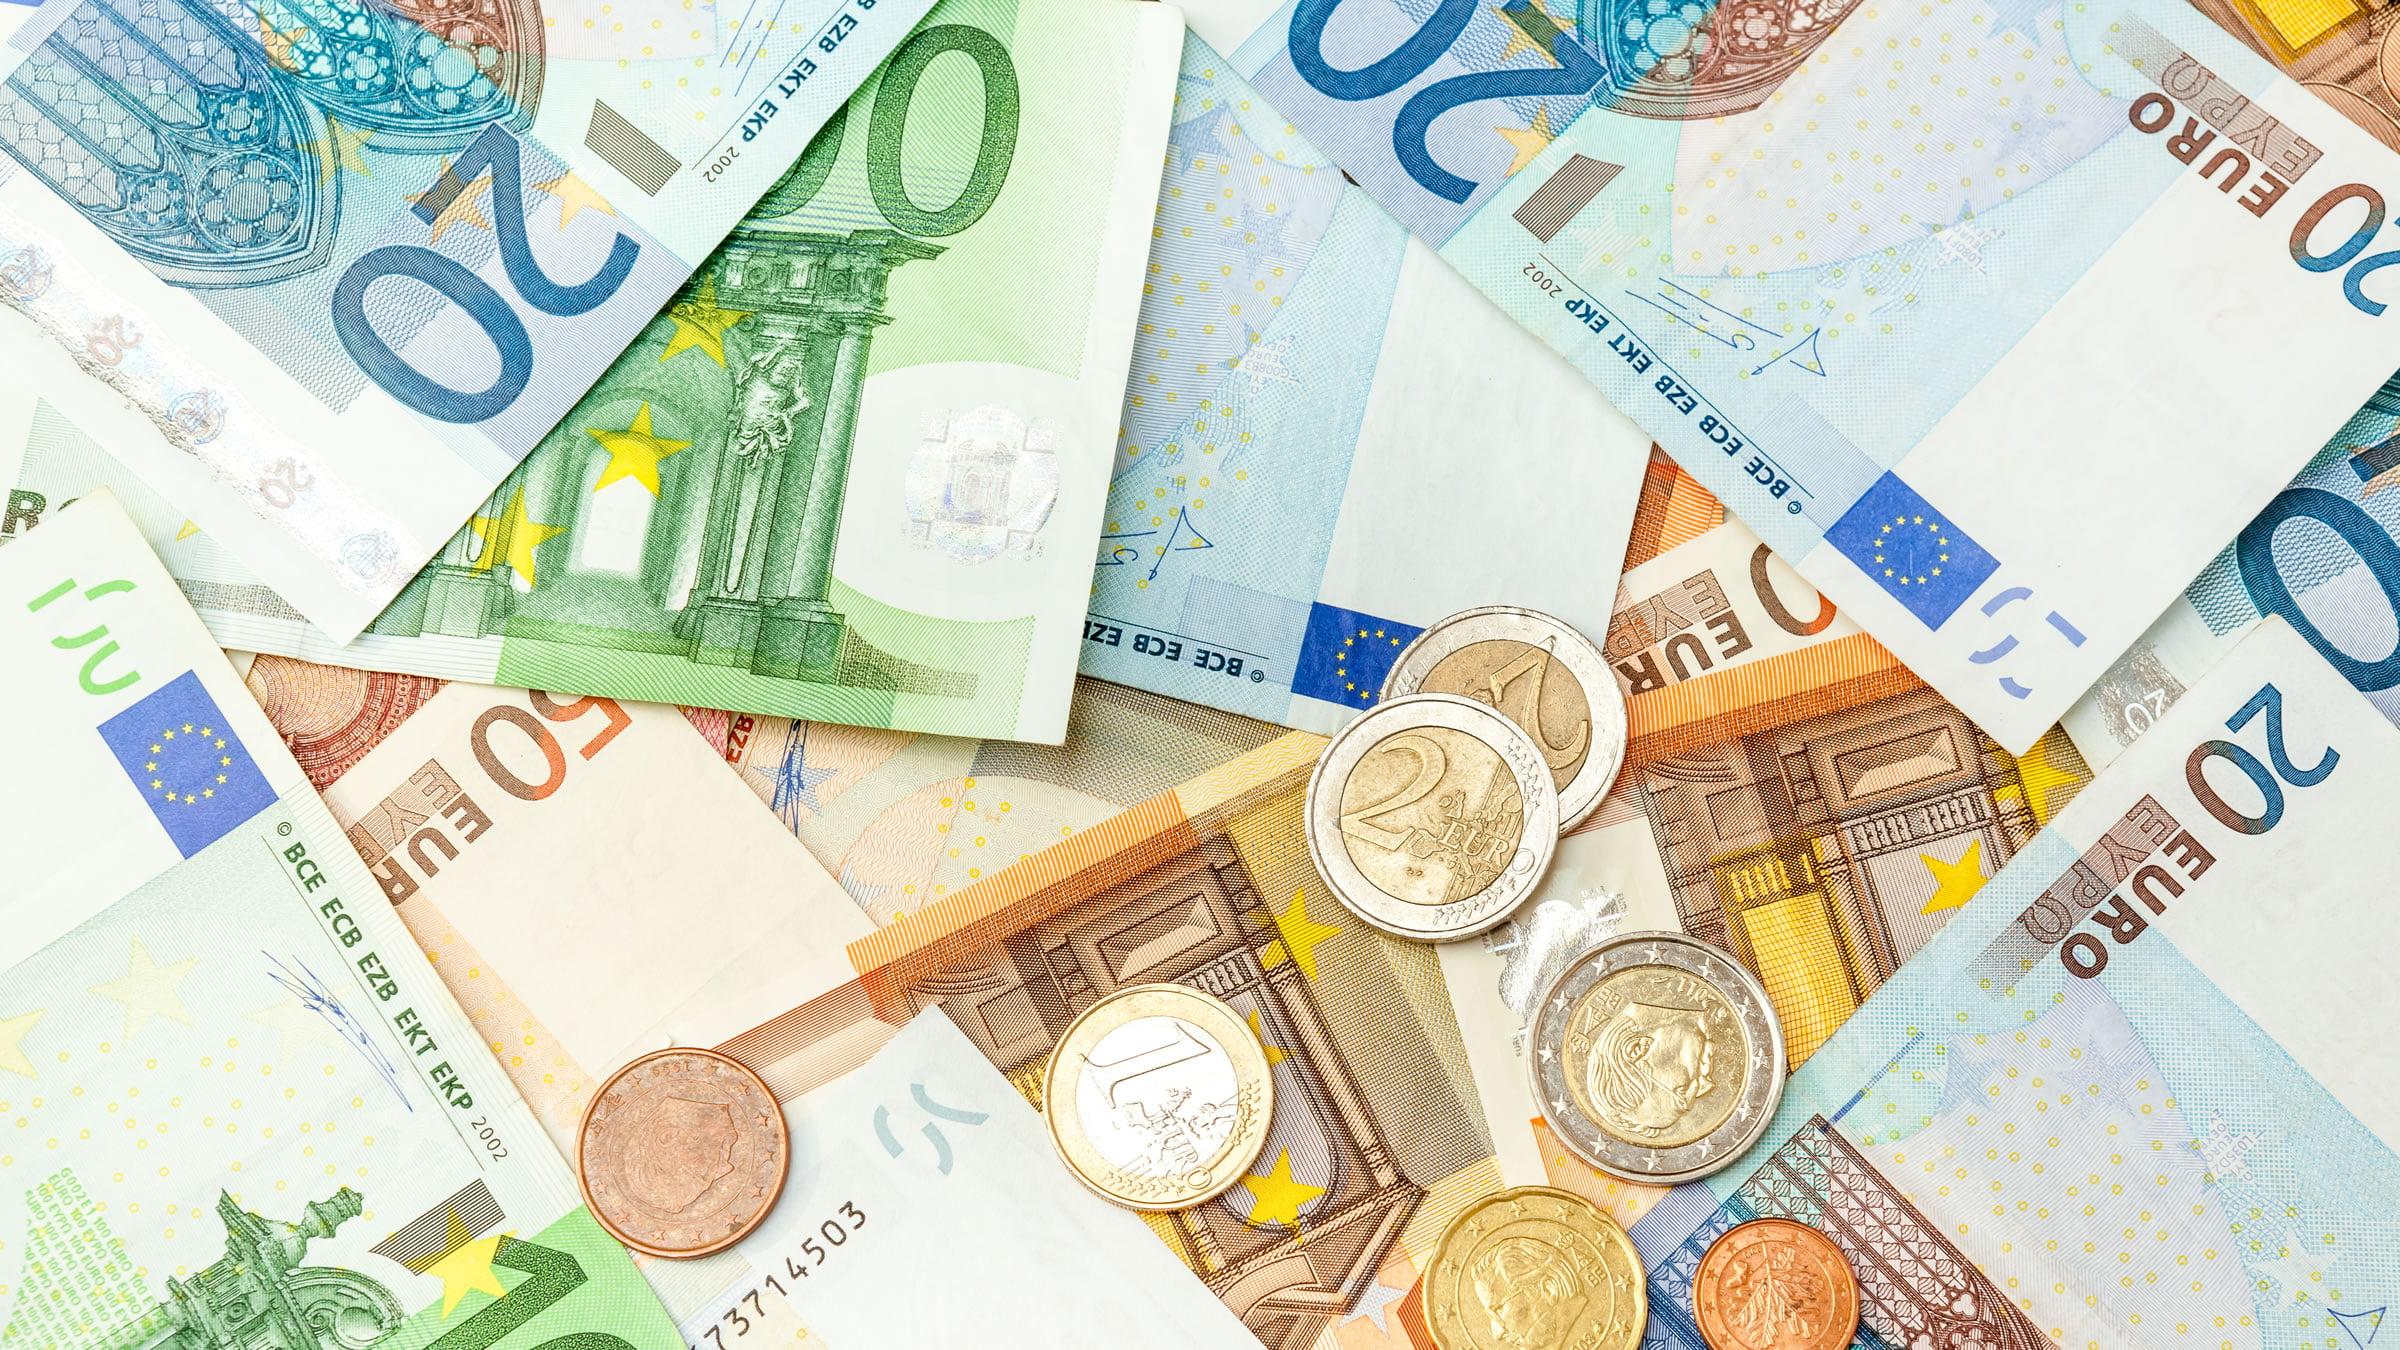 Смотреть картинки евро в облаках